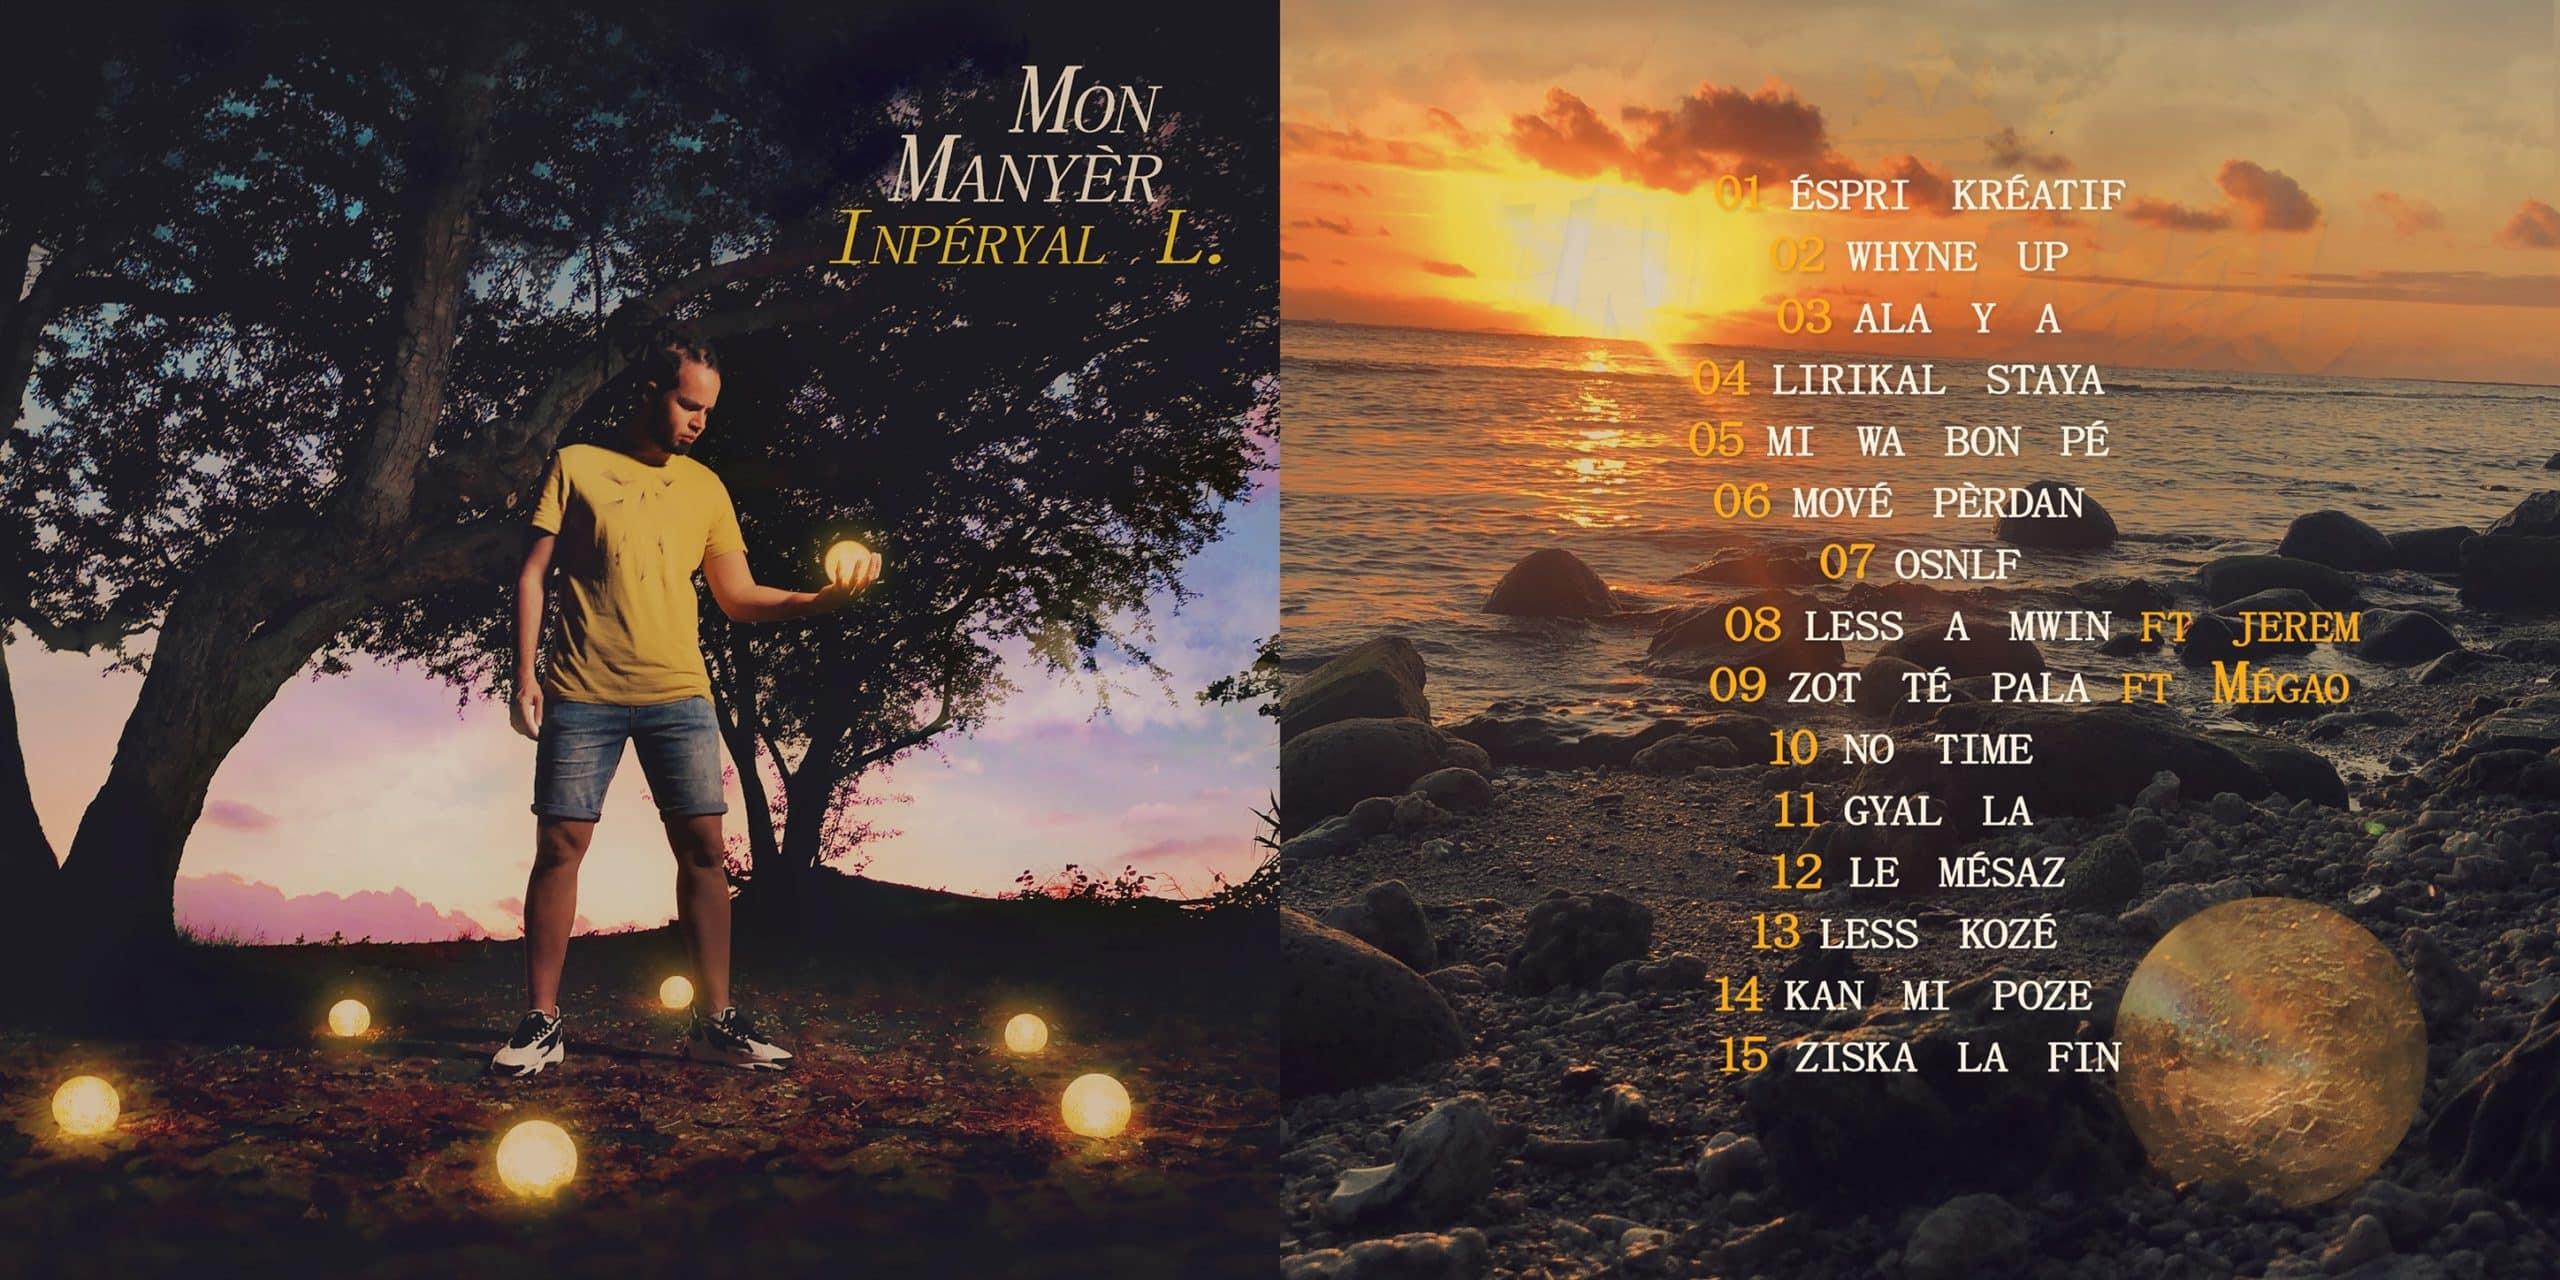 Inpéryal dévoile son premier album : Mon Manyèr